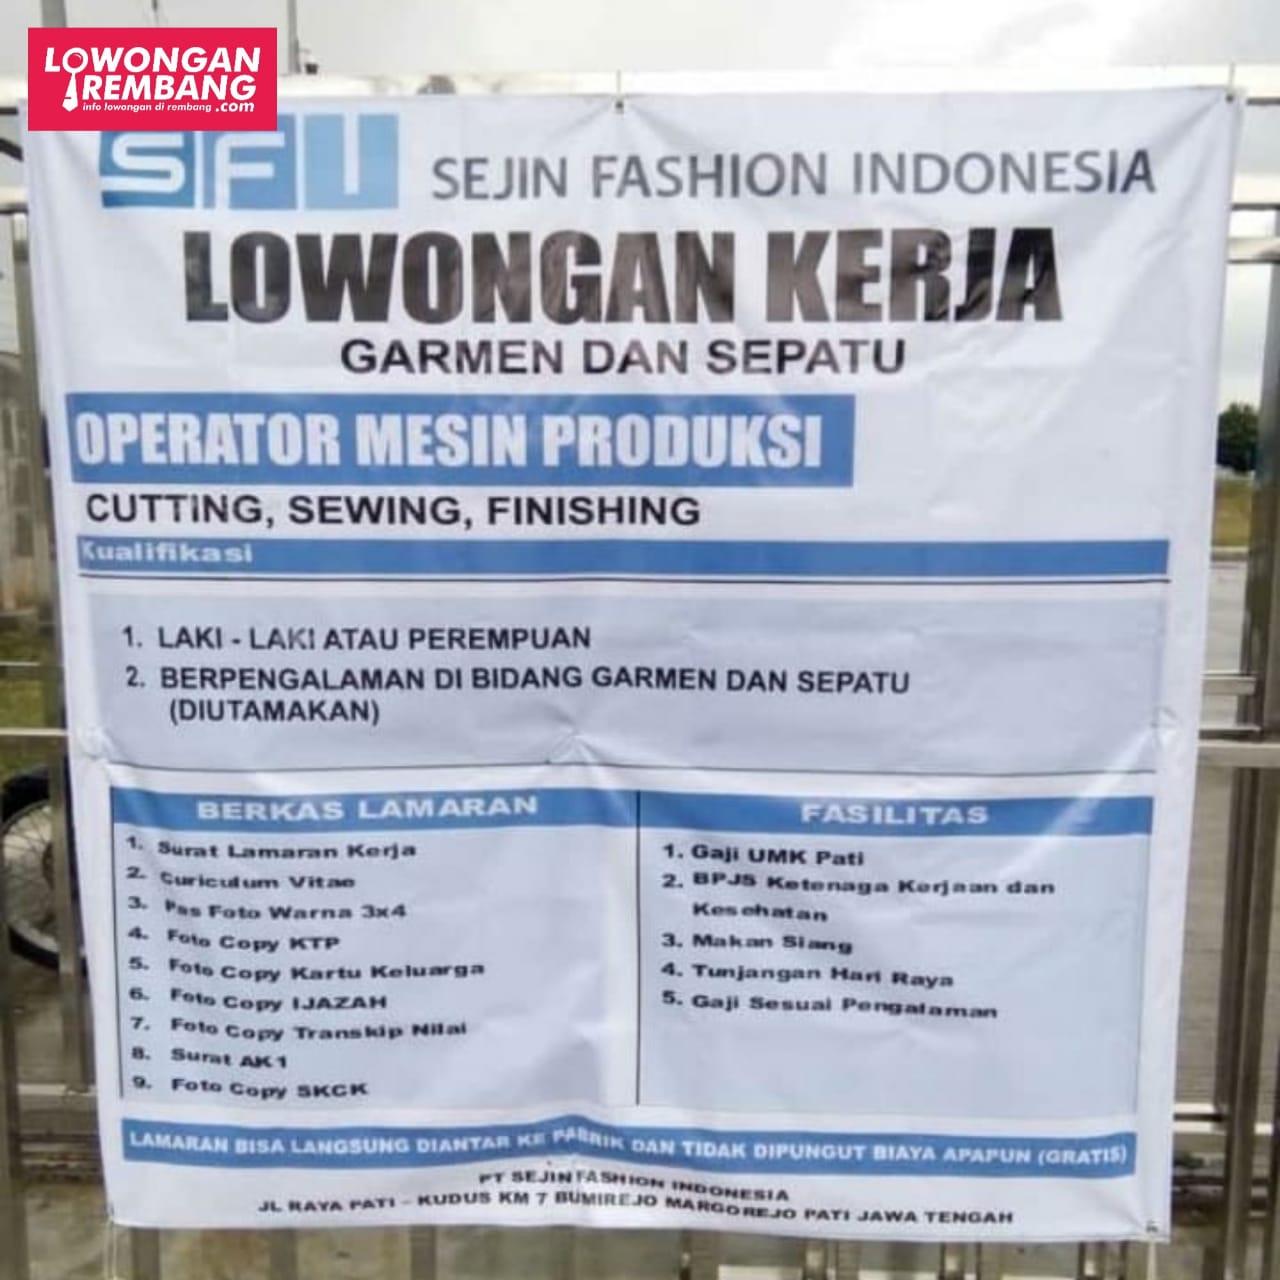 Lowongan Kerja Pegawai Sejin Fashion Indonesia Bumirejo Margorejo Pati Lowongan Rembang